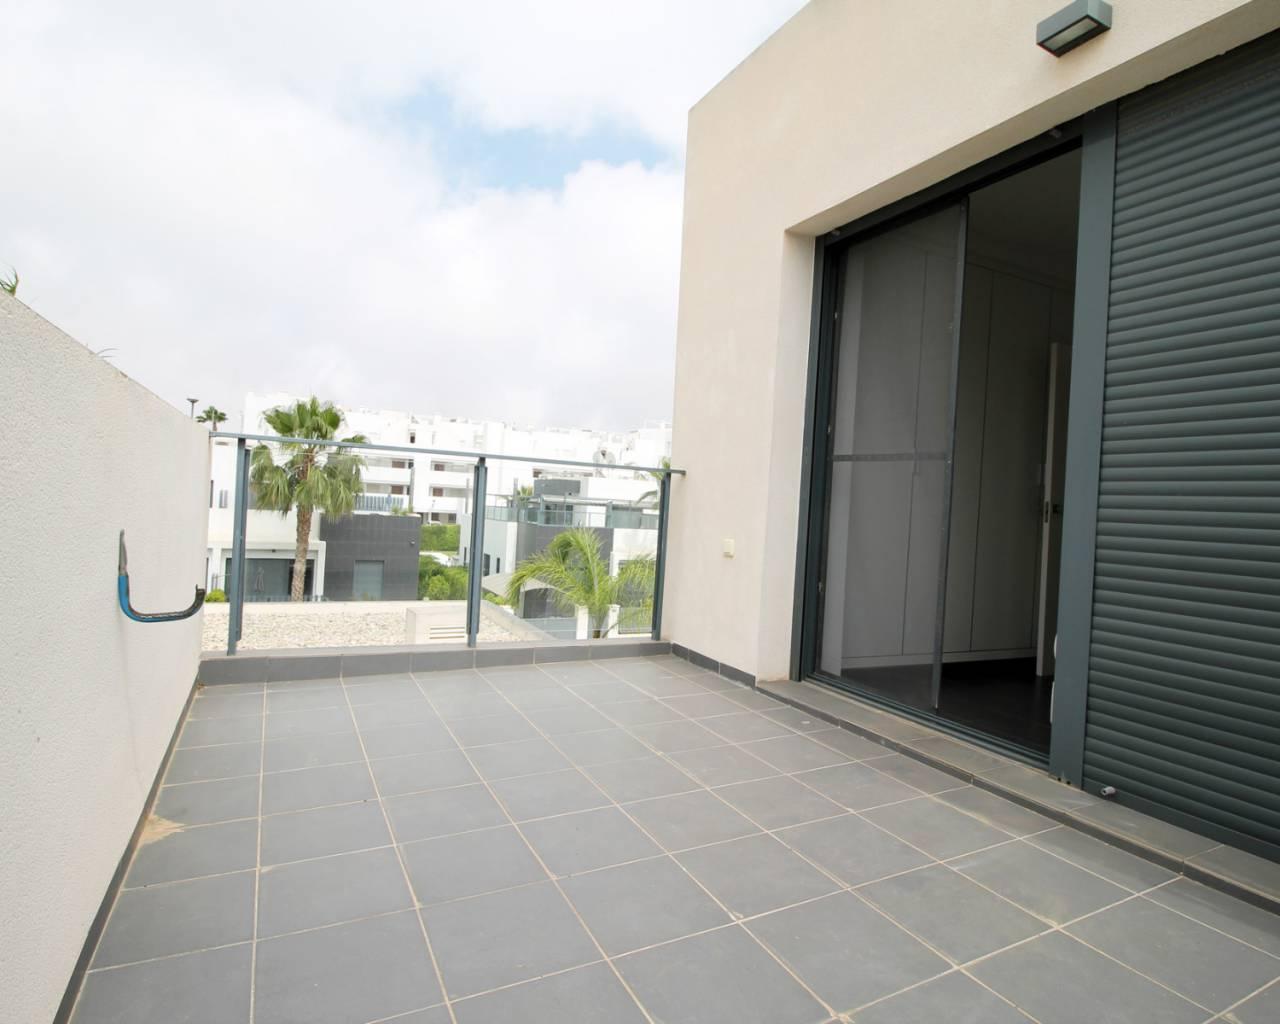 herverkoop-half-vrijstaande-villa-orihuela-costa-villamartin-golf_2031_xl